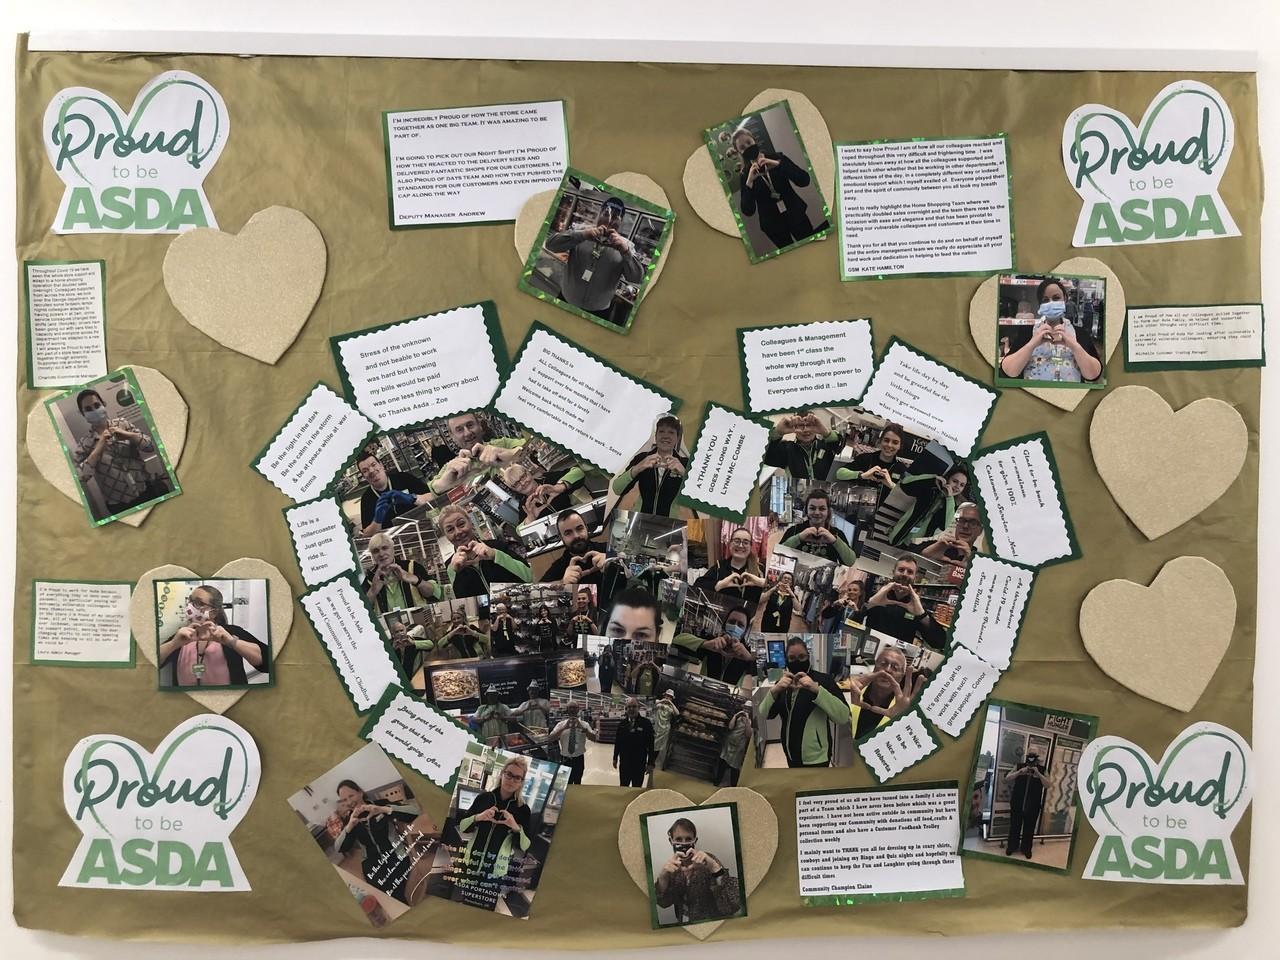 Portadown Proud to be Asda | Asda Portadown